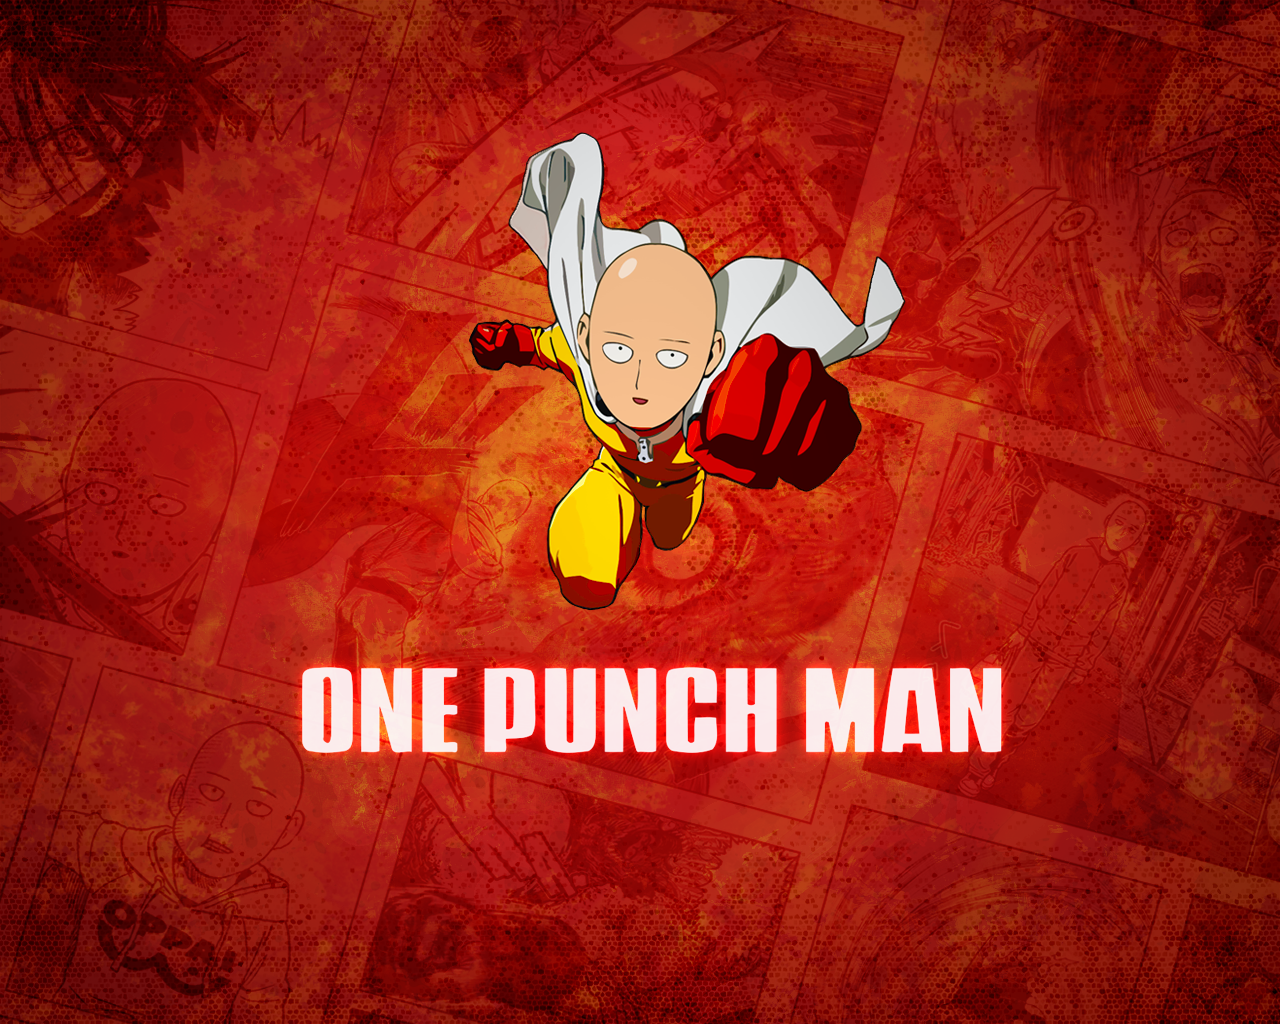 One Punch Man Saitama Wallpaper - WallpaperSafari